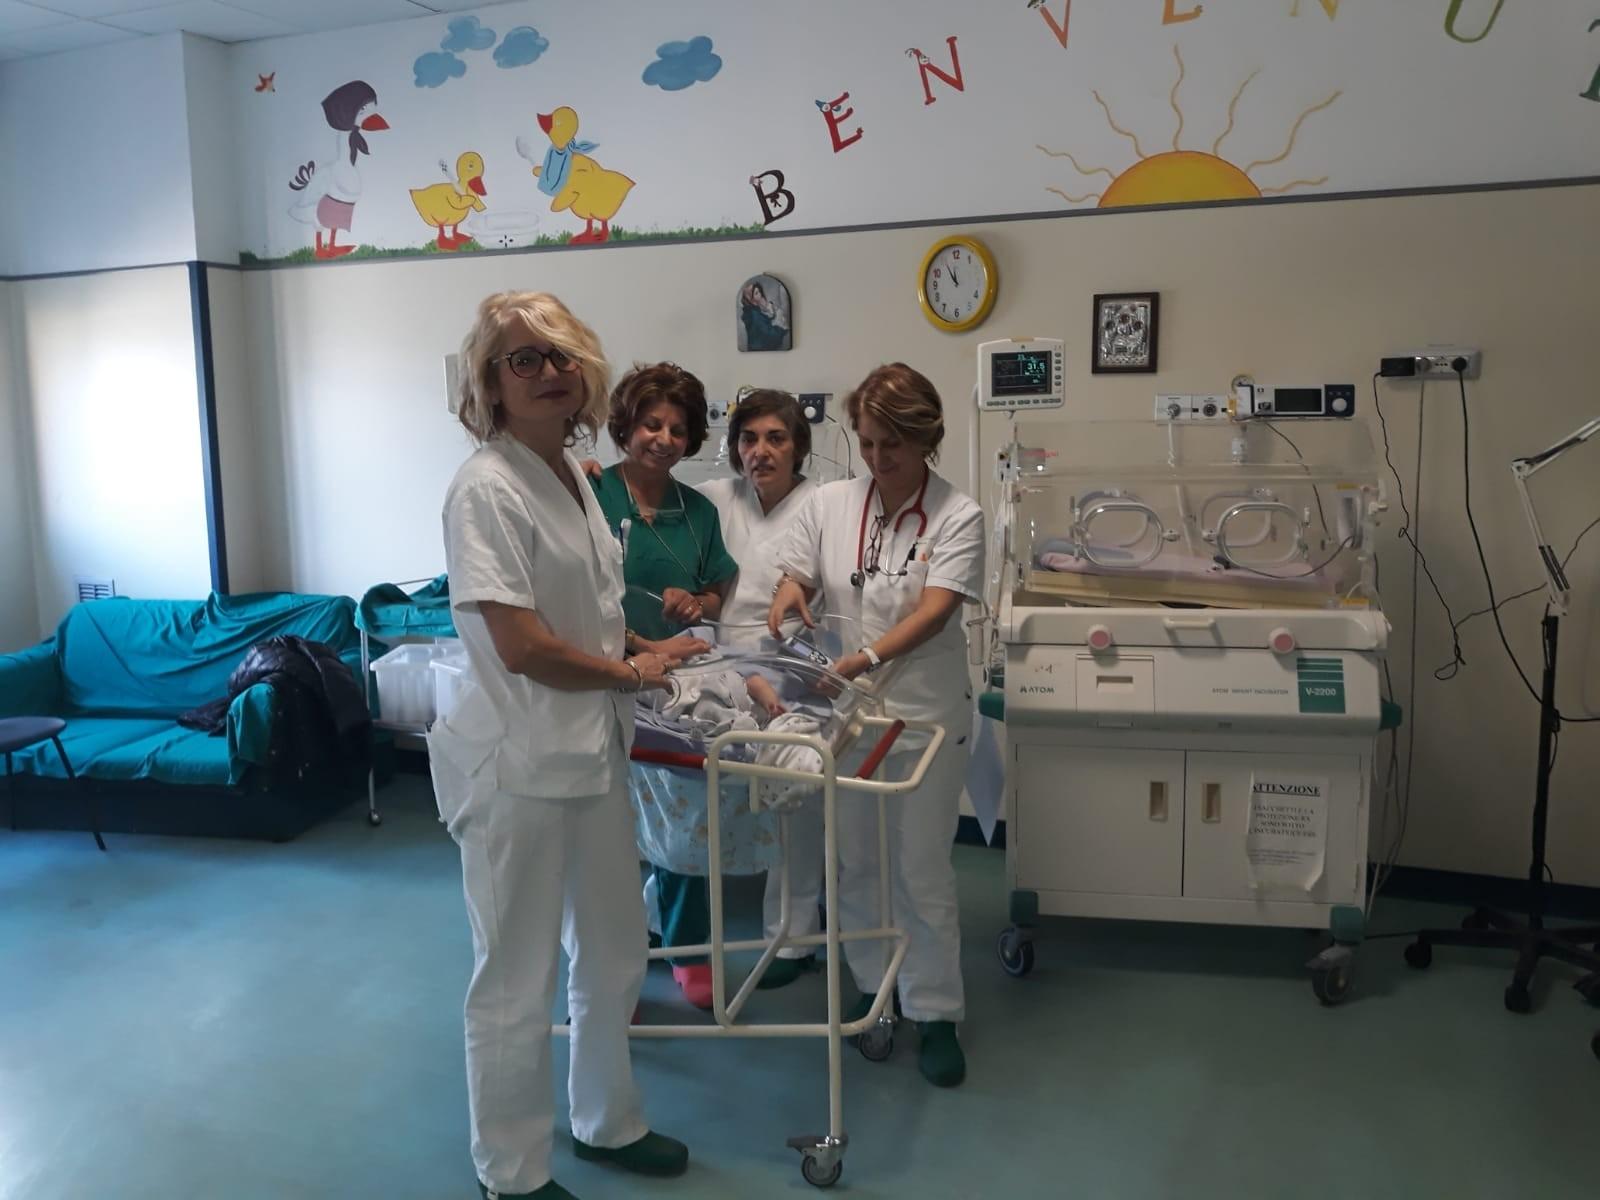 Gallery - Un Pulsossimetro per il reparto di Pediatria dell'Ospedale Santa Scolastica di Cassino